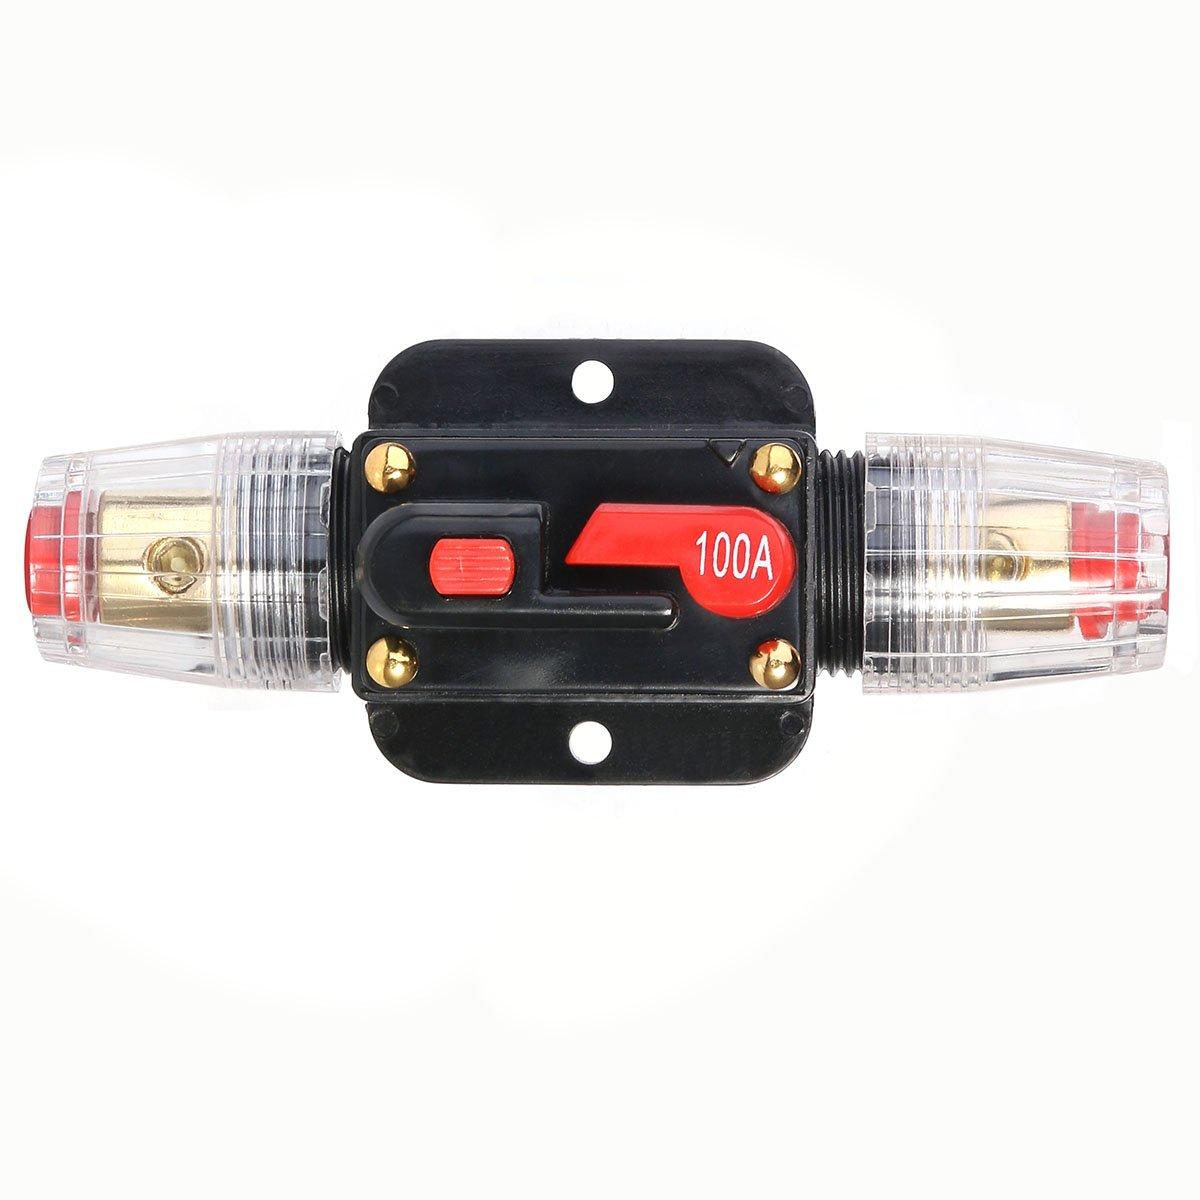 WINOMO Auto-Schutz Stereo-Schalter Auto 100A Sicherung Halter Inline-Leistungsschalter Reset Sicherung Wechselrichter